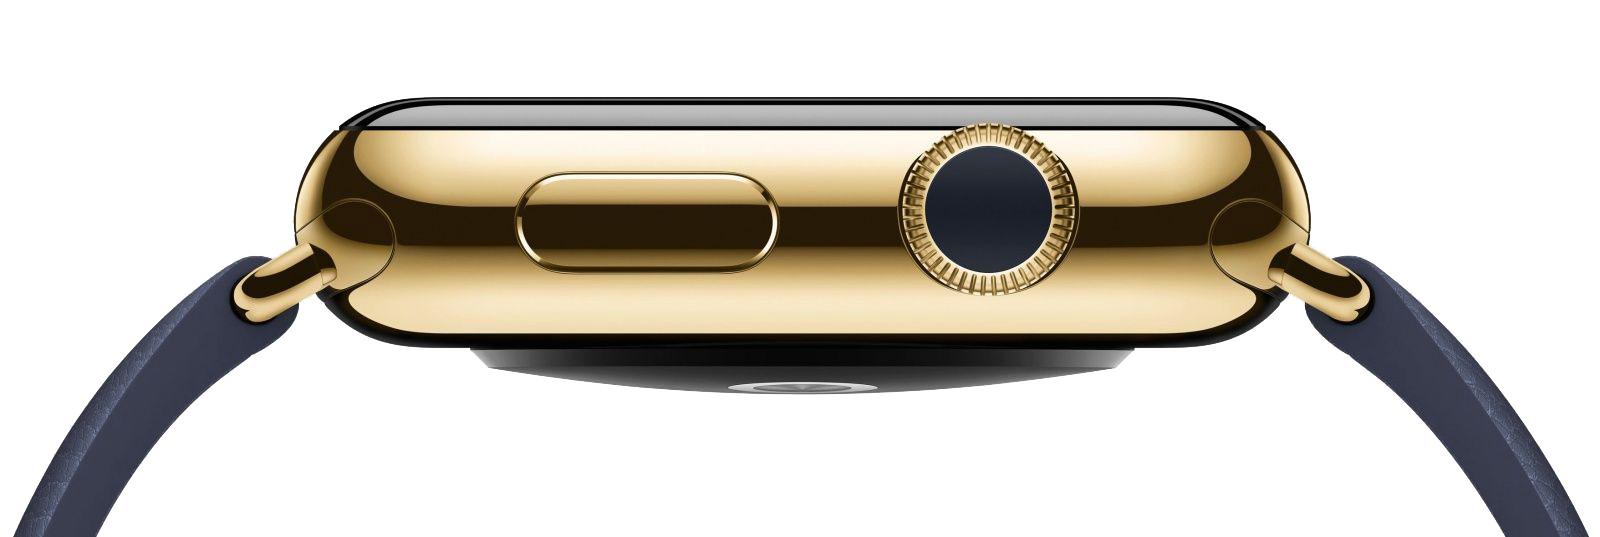 Apple Watch - neuvěřitelně přesné hodinky